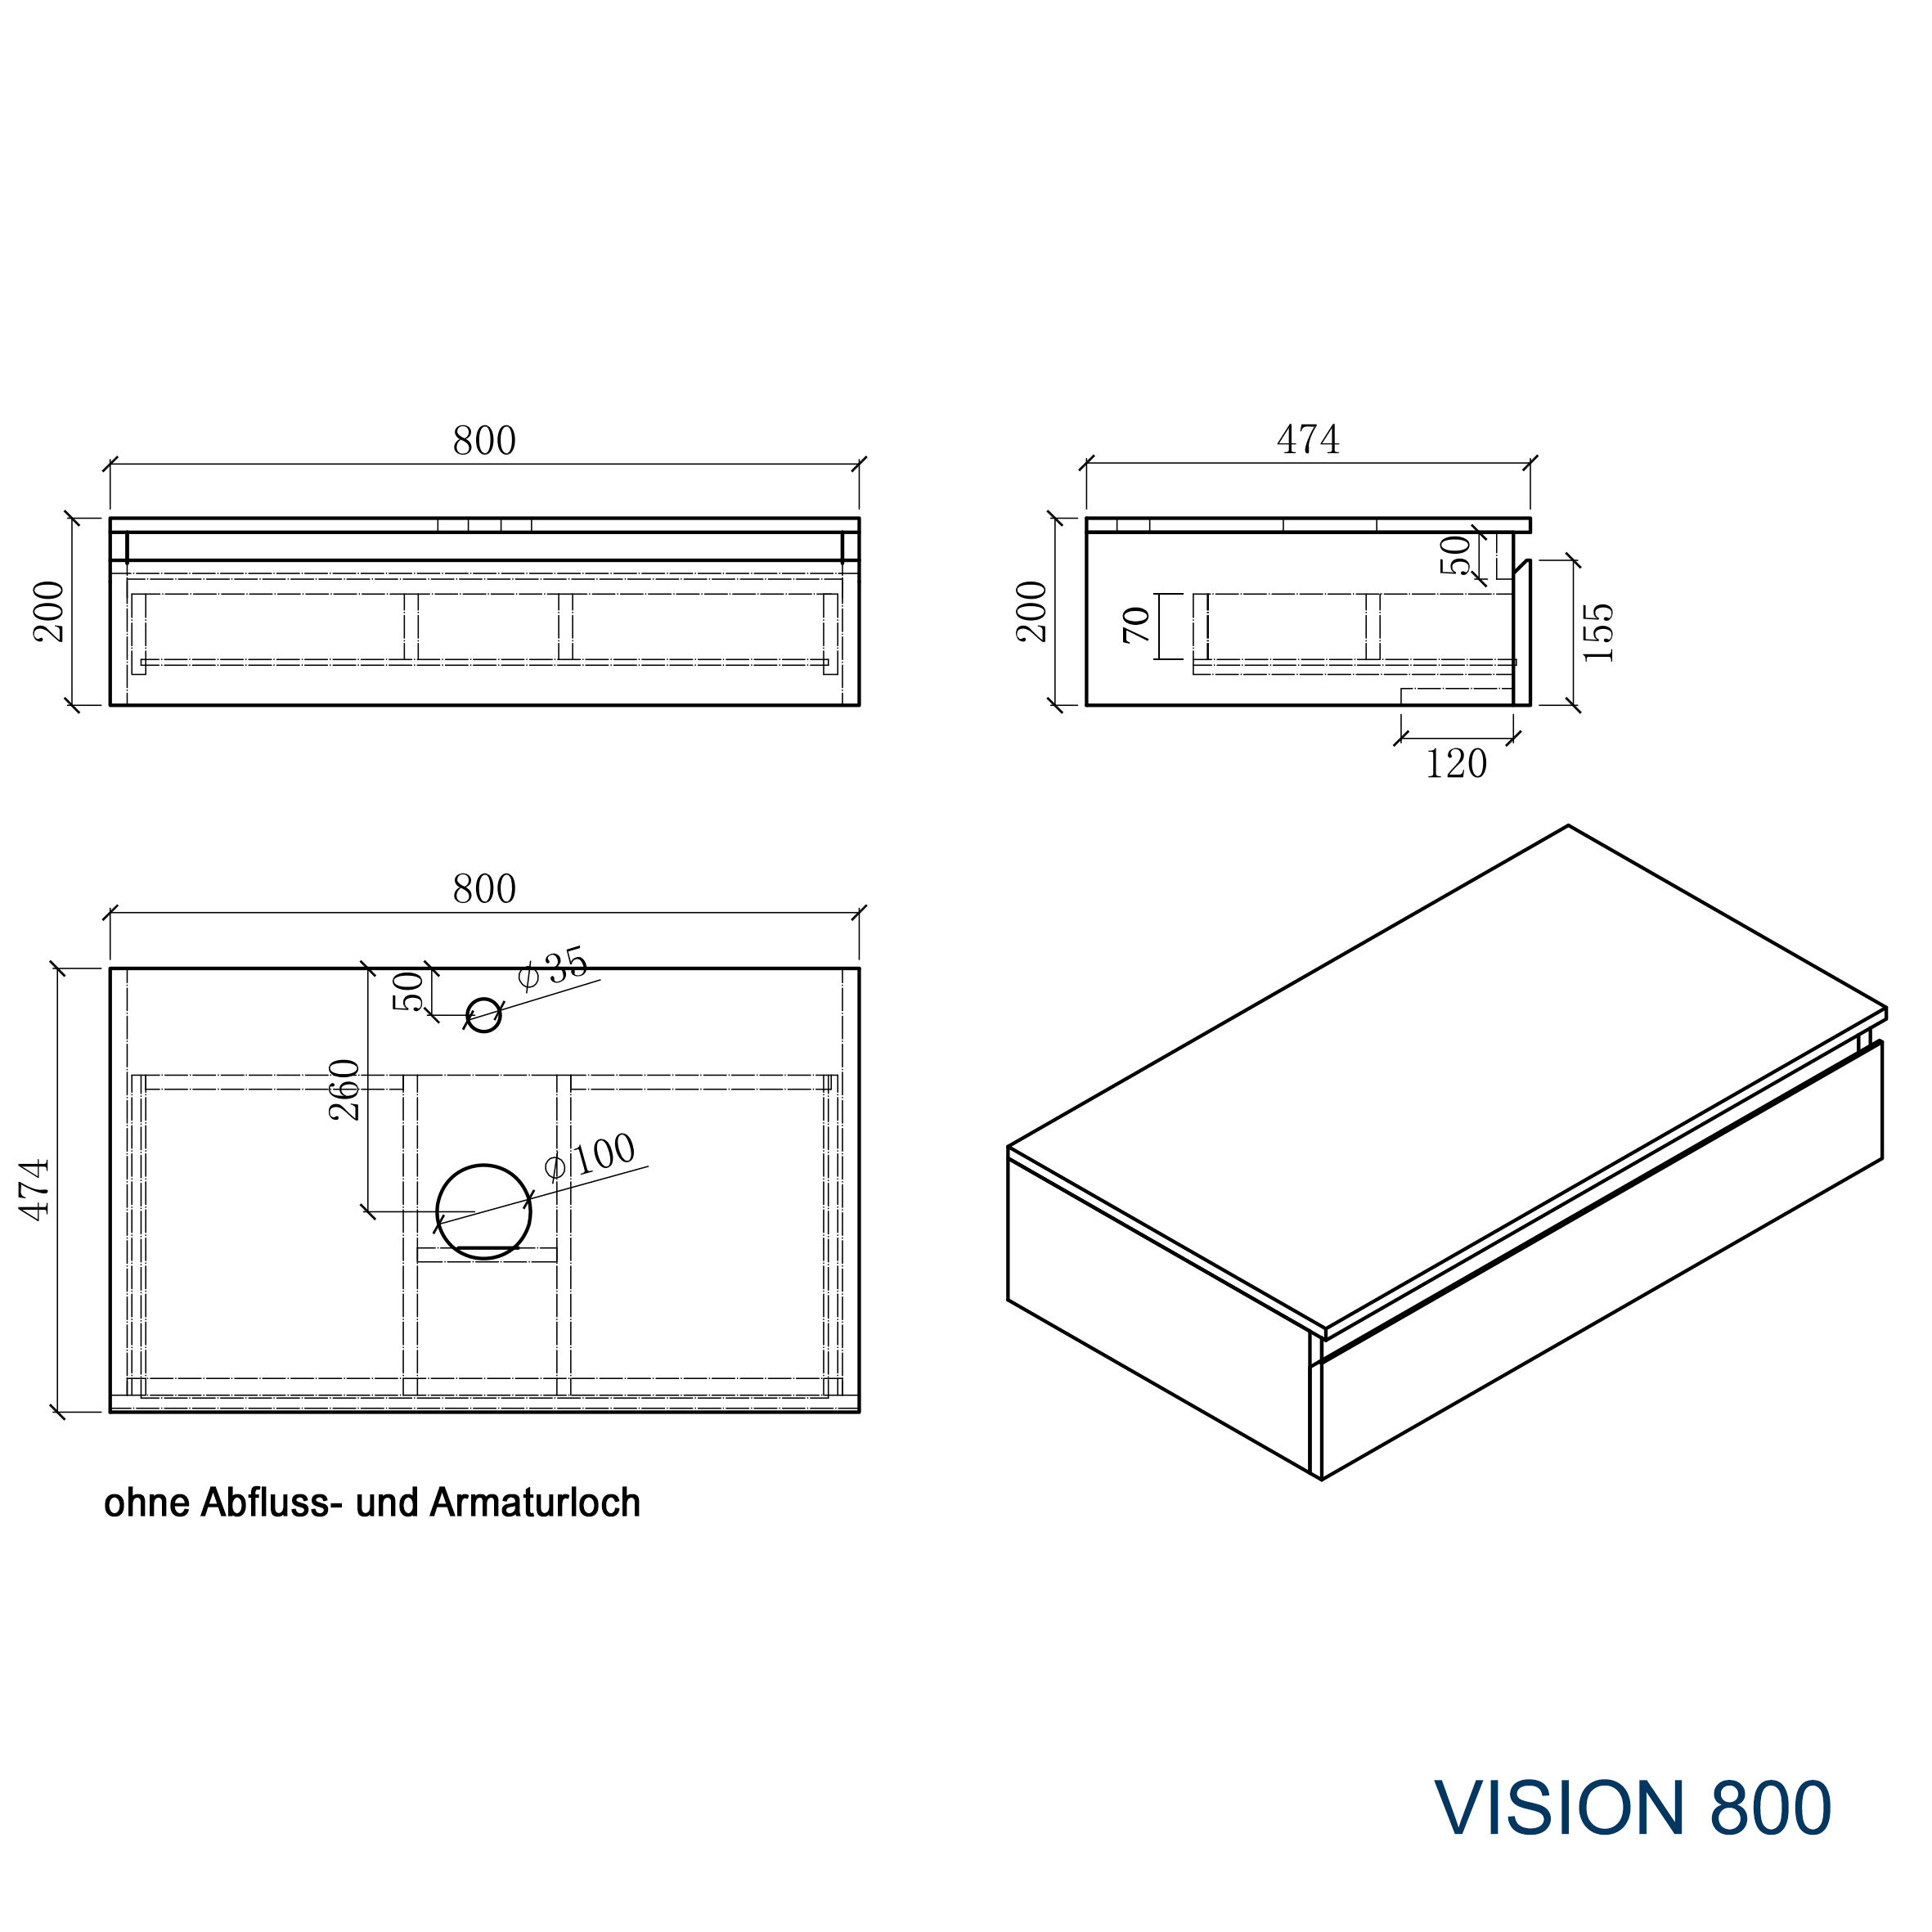 Vision 800 - Drawing